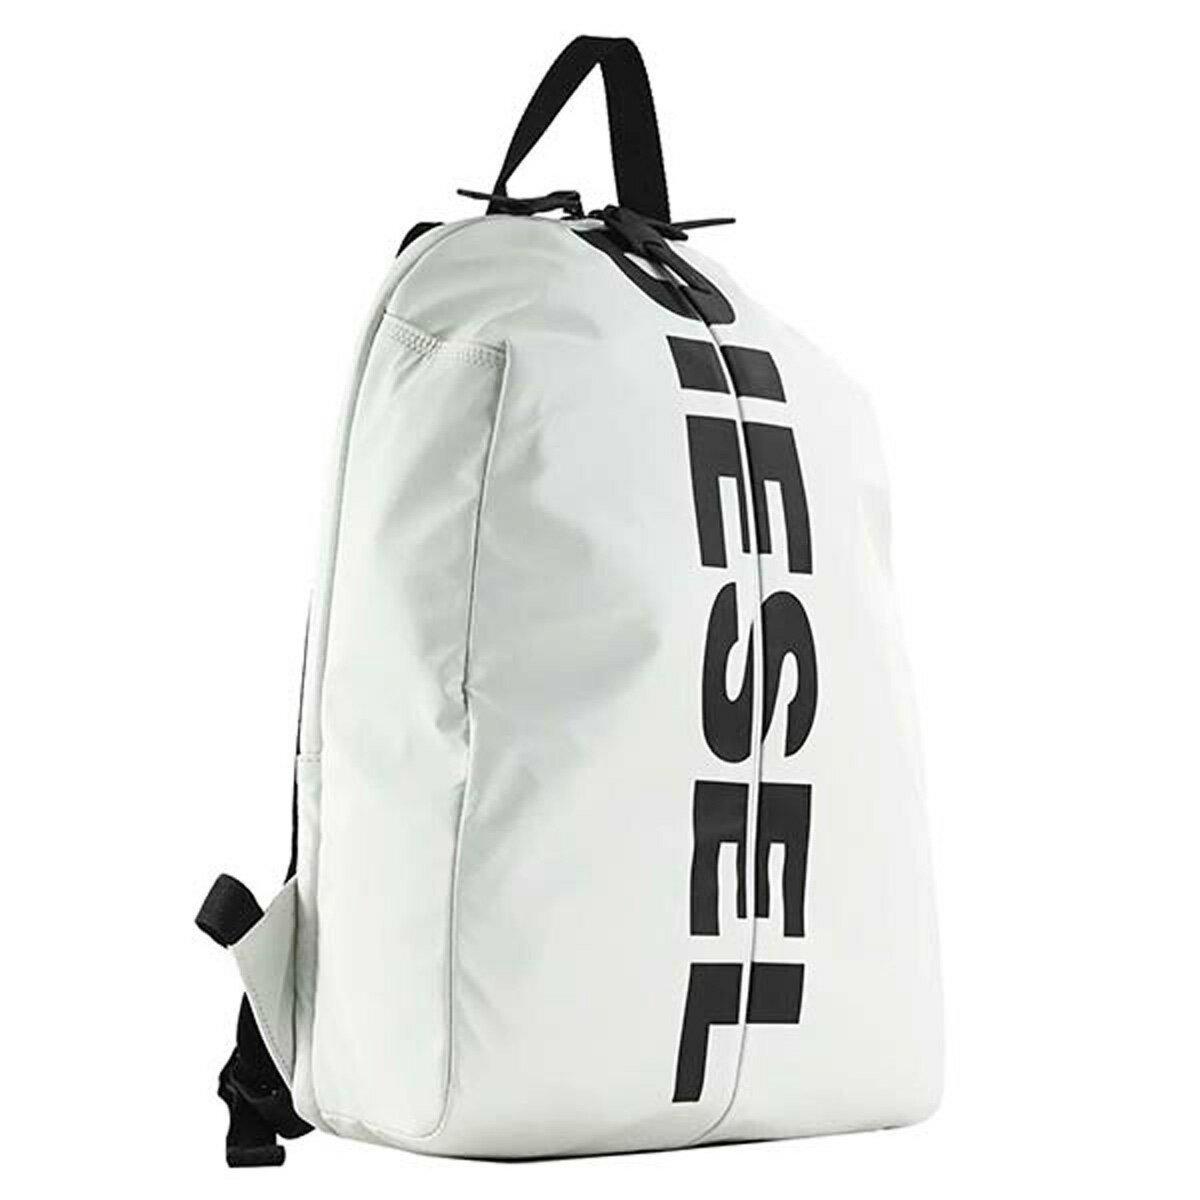 ディーゼル DIESEL リュックサック X05479 P1705 H6196 F-BOLD BACK バックパック WHITE ホワイト